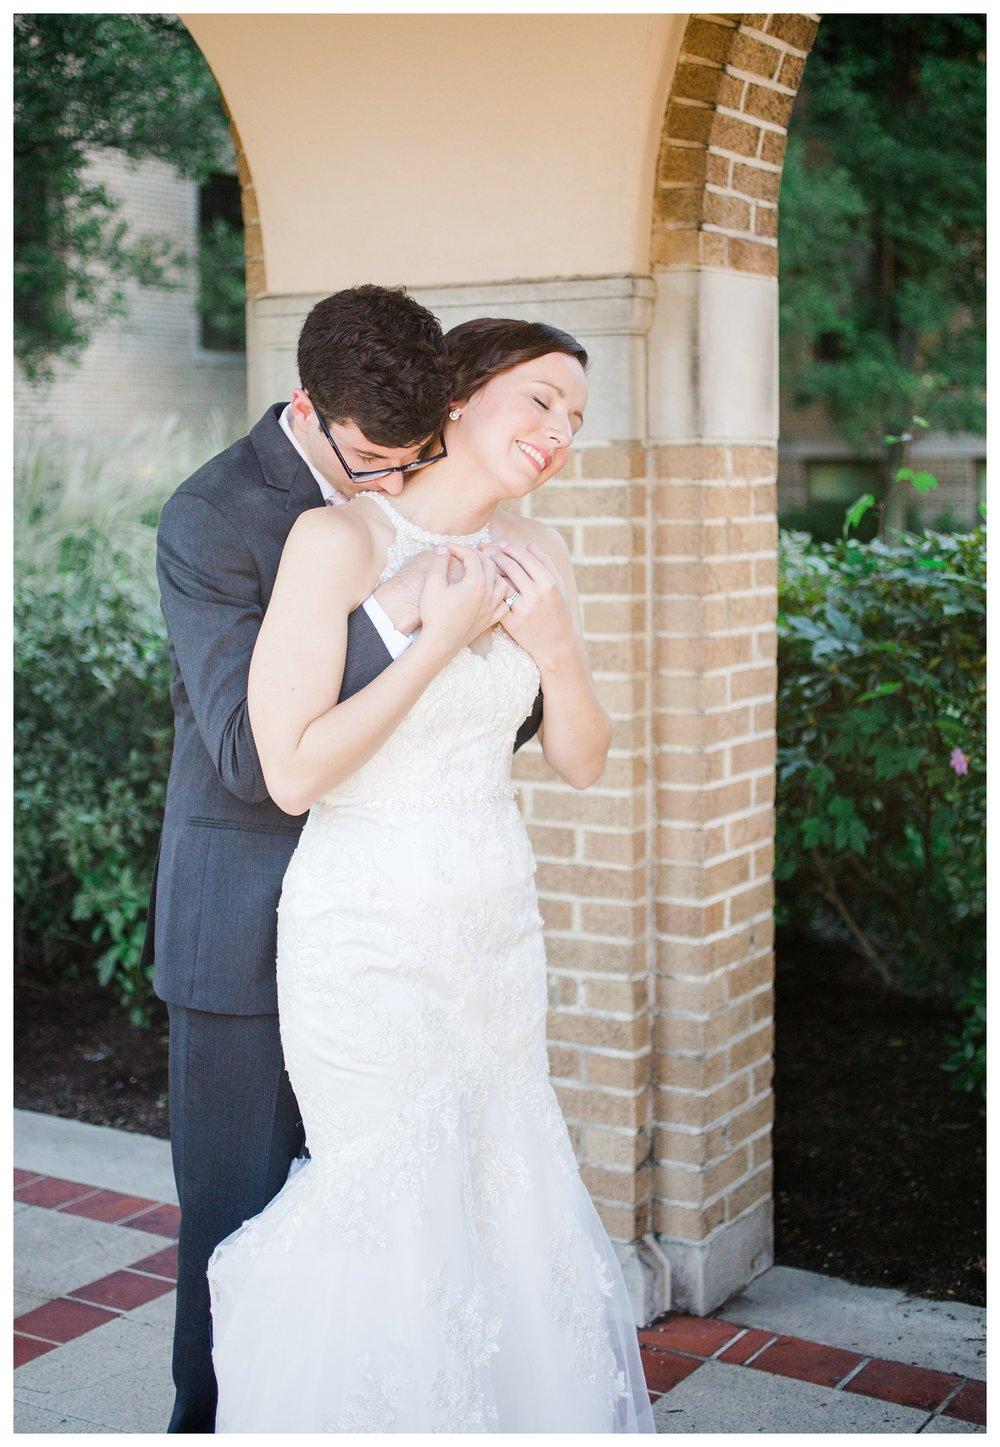 st-charles-preparatory-school-wedding-bexley_0126.jpg